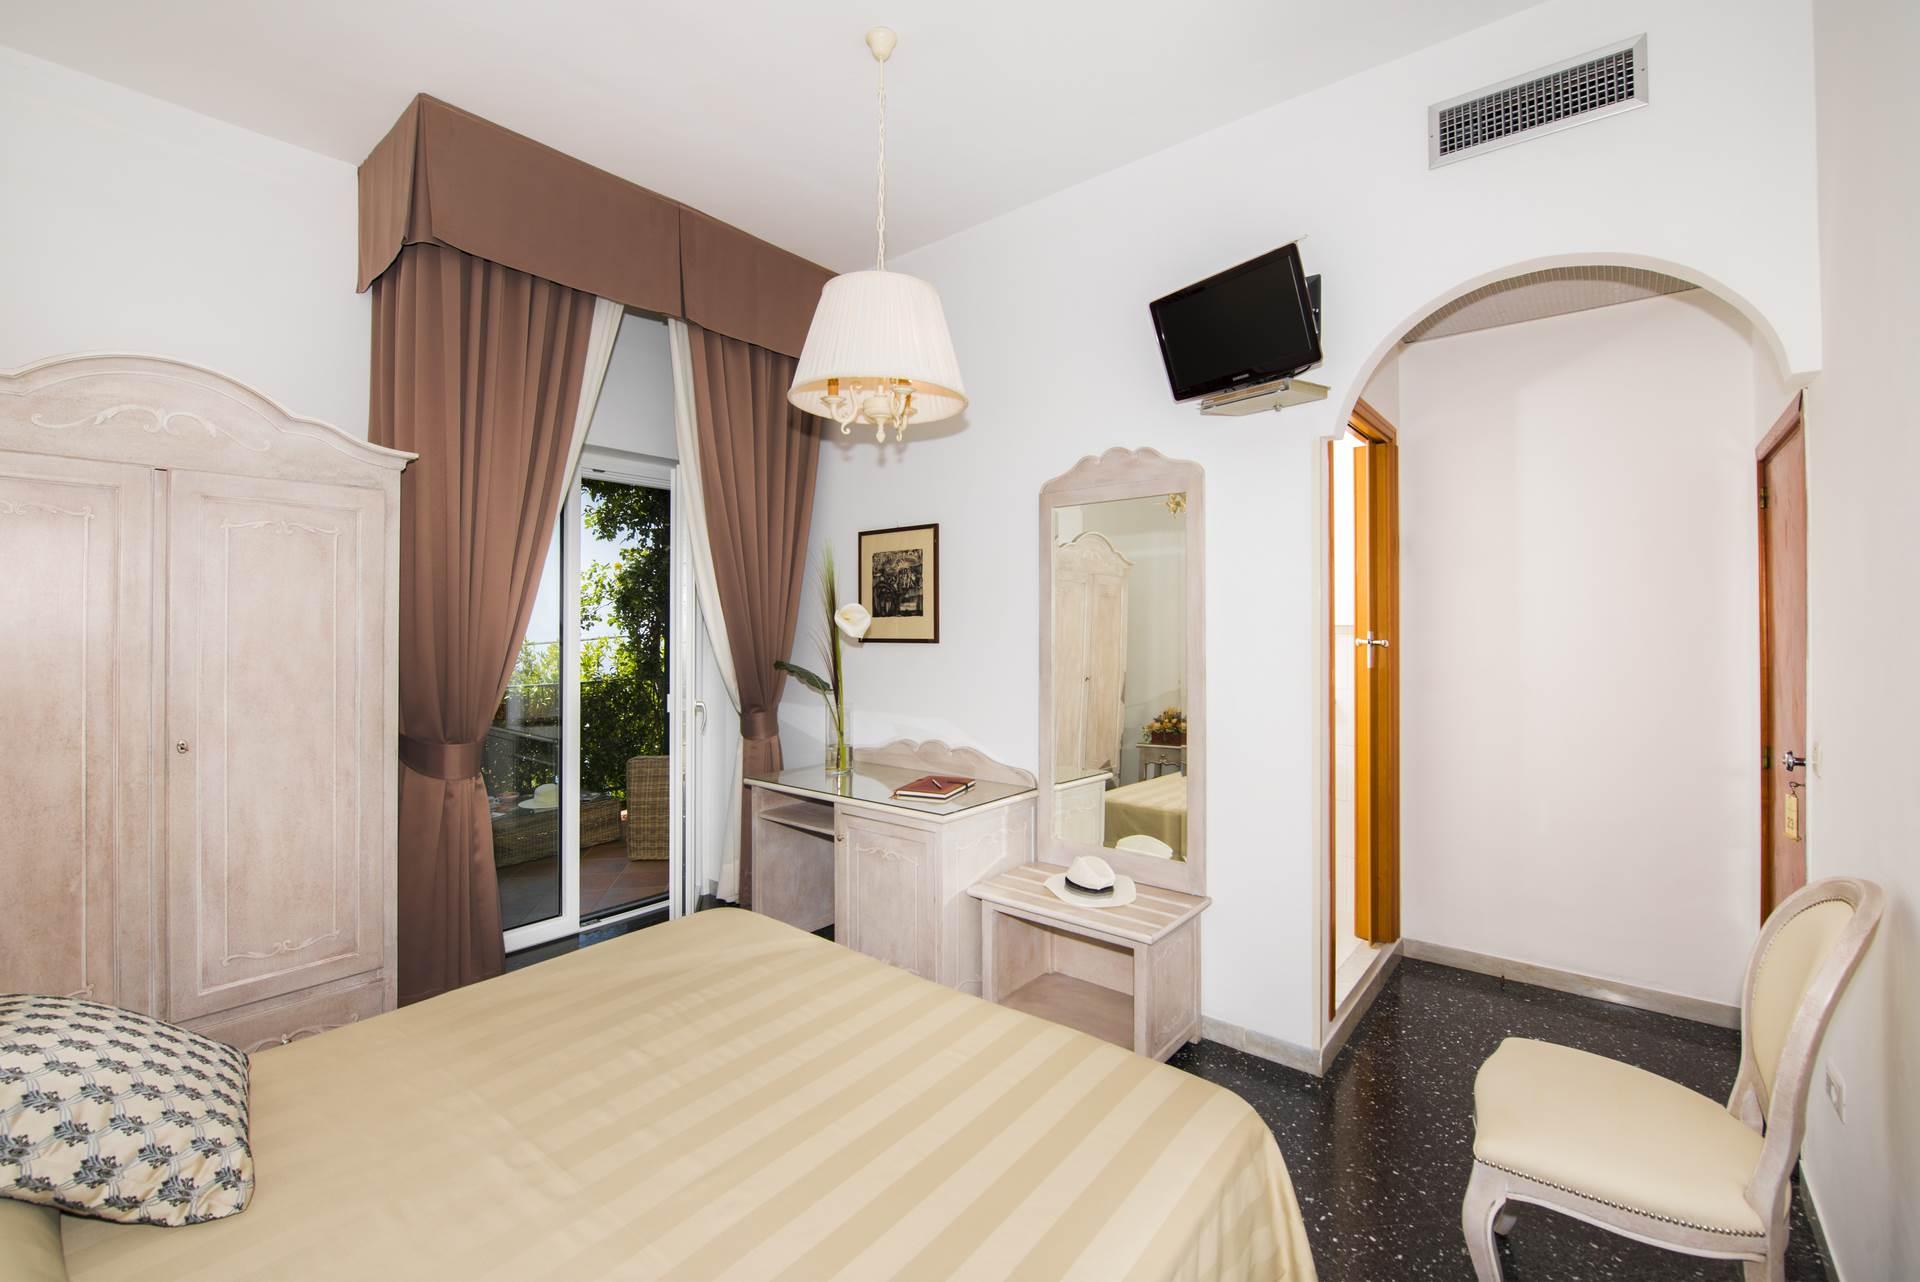 5hotel_pellegrino_praiano_seconda_serie_5_1920